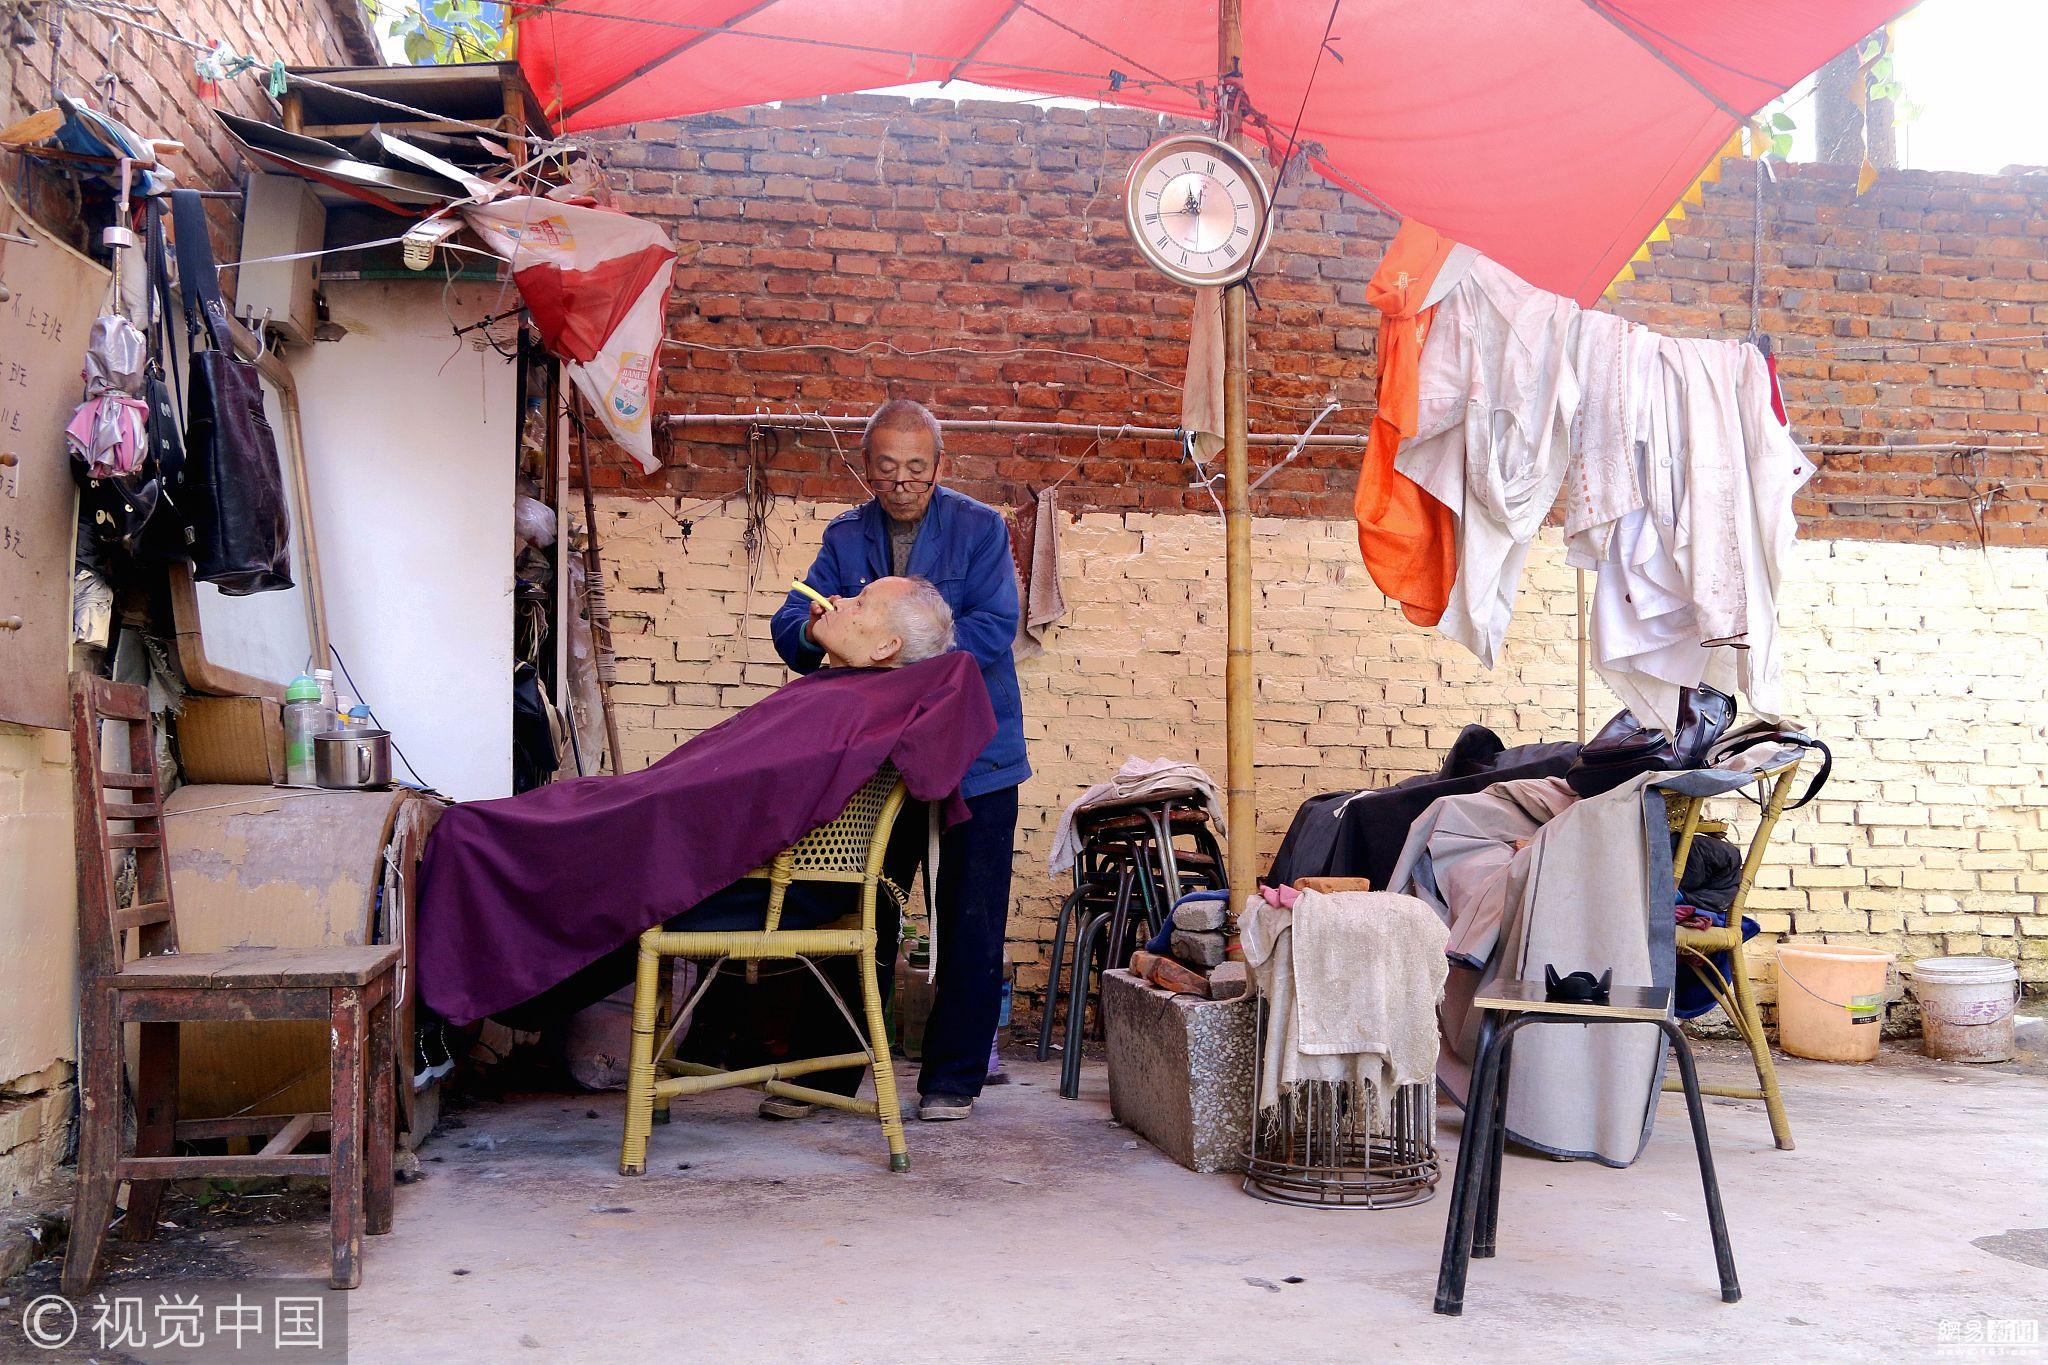 75岁理发匠坚持露天理发22年 每人只收3元 - 周公乐 - xinhua8848 的博客